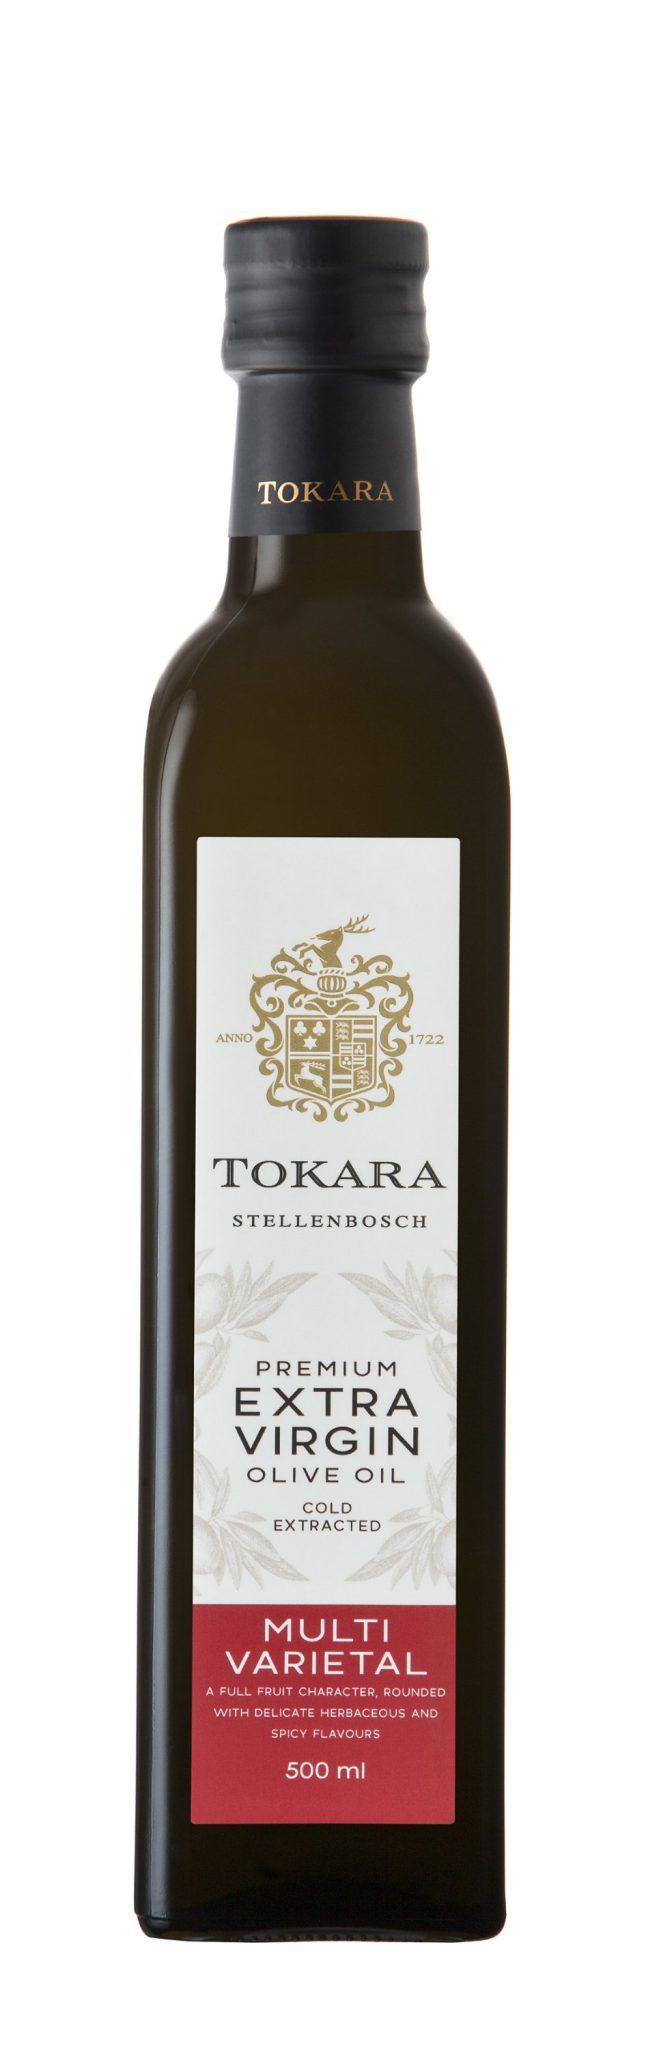 TOKARA Multi-Varietal gold medal-winning extra virgin olive oil sonia cabano blog eatdrinkcapetown